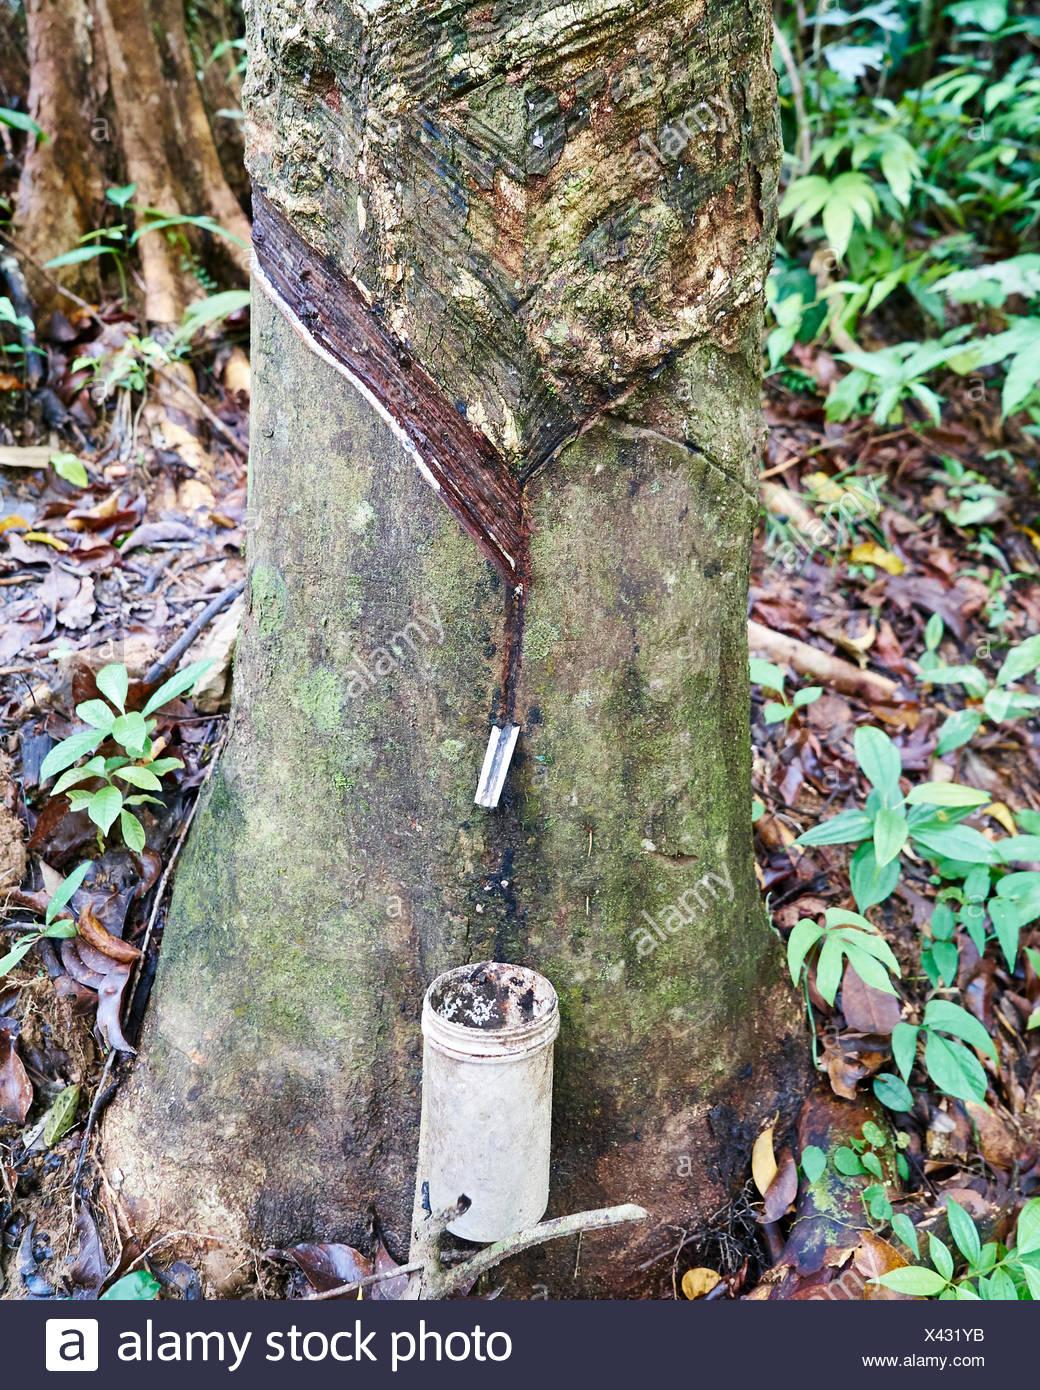 Al tocar un árbol de caucho en la selva Imagen De Stock